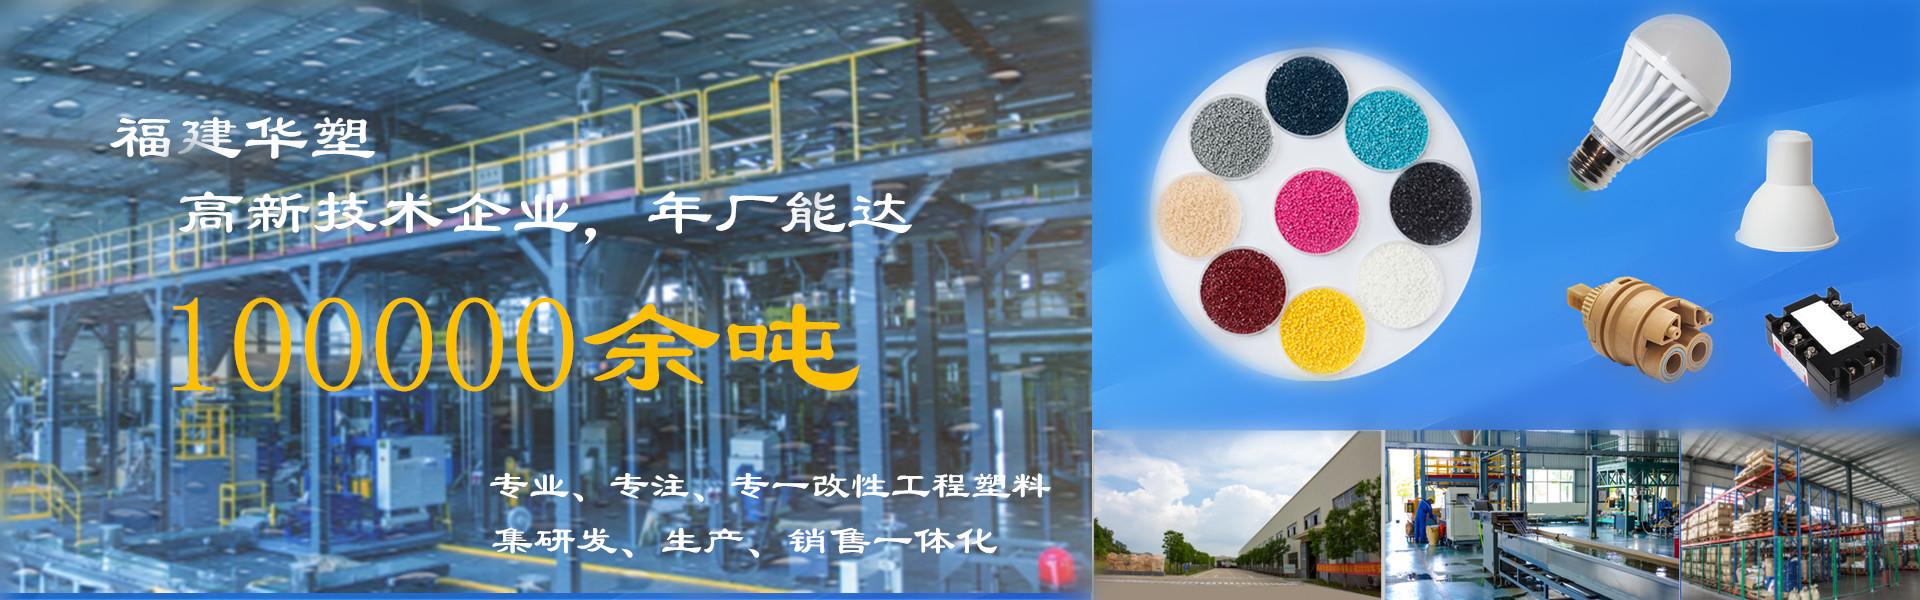 福建华塑新材料有限公司